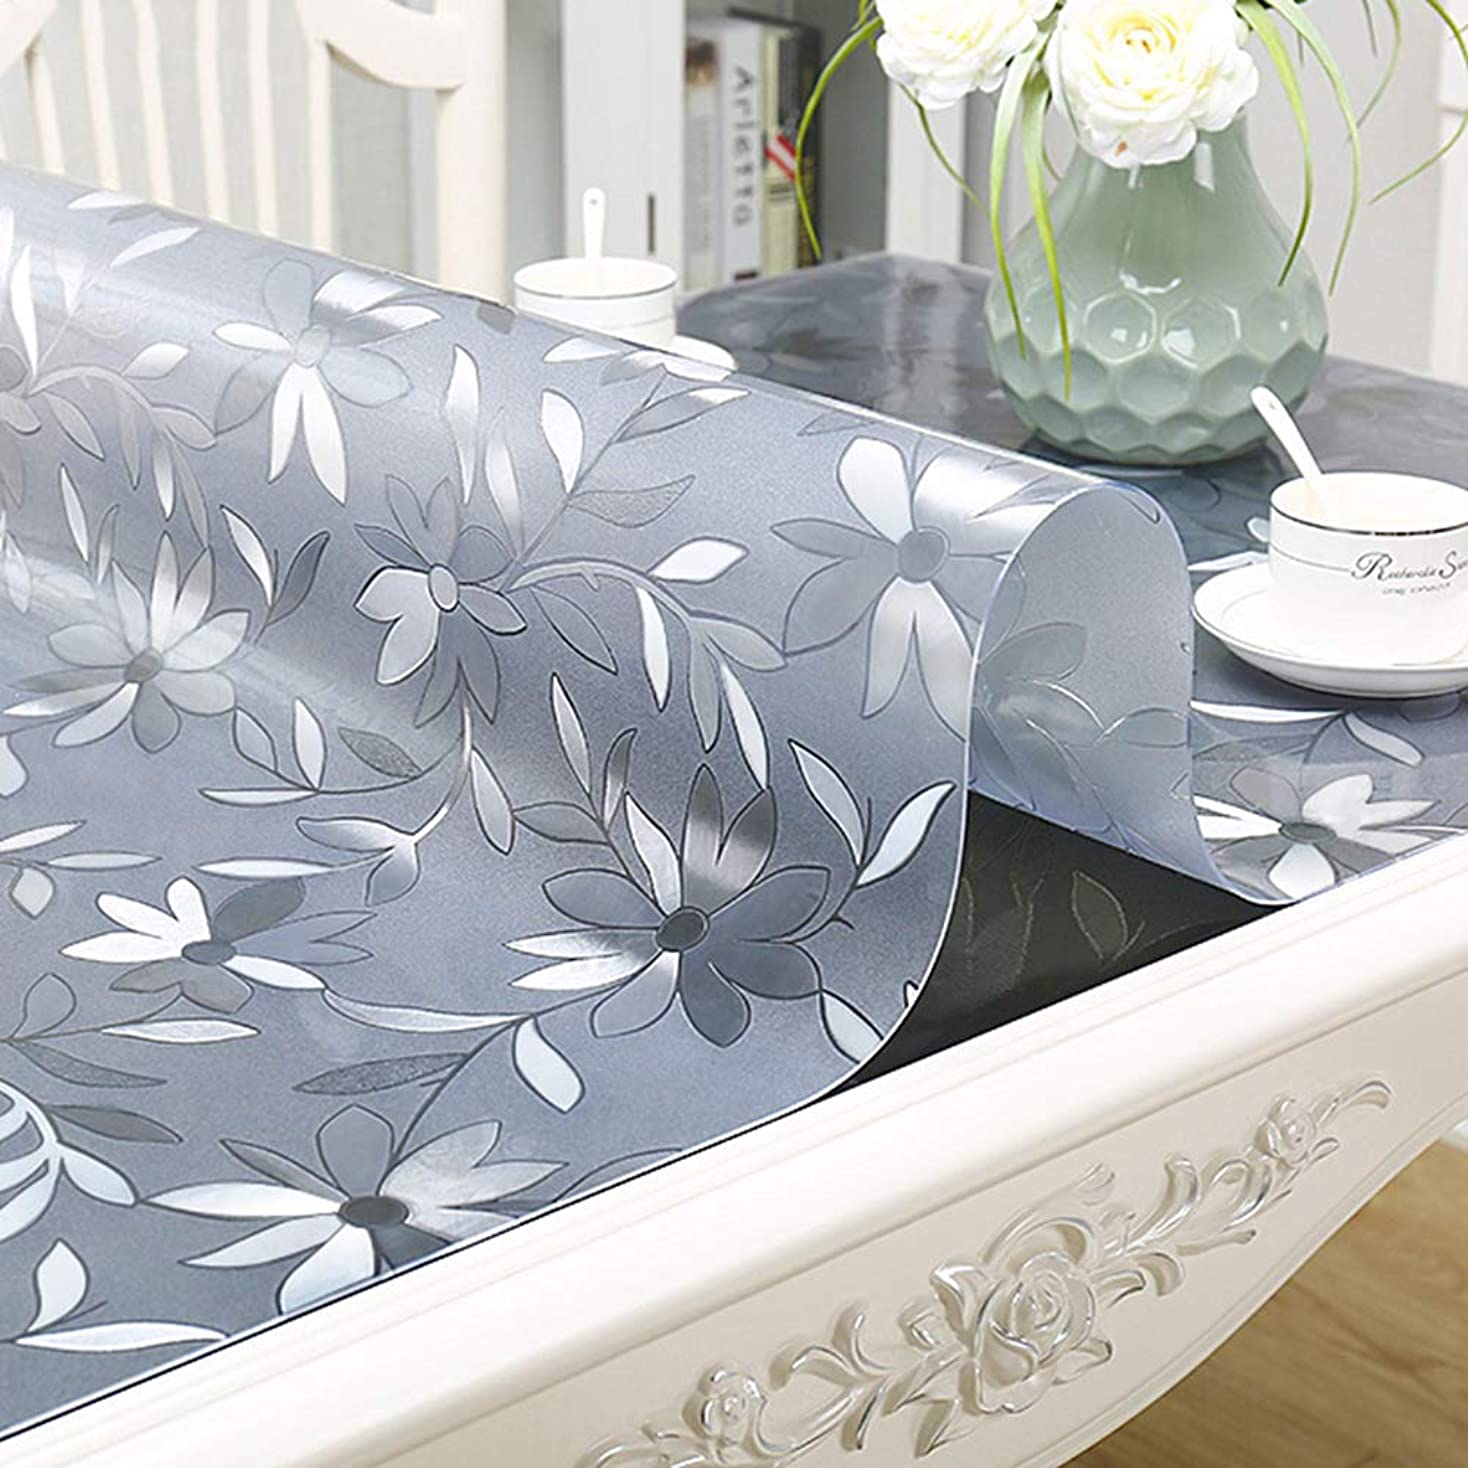 確率レジデンスアクション透明な長方形のテーブルクロス、家庭用pvcの防水と耐油性のないテーブルクロス、テーブルコーヒーテーブルマットをきれいに簡単 ホームデコレーション